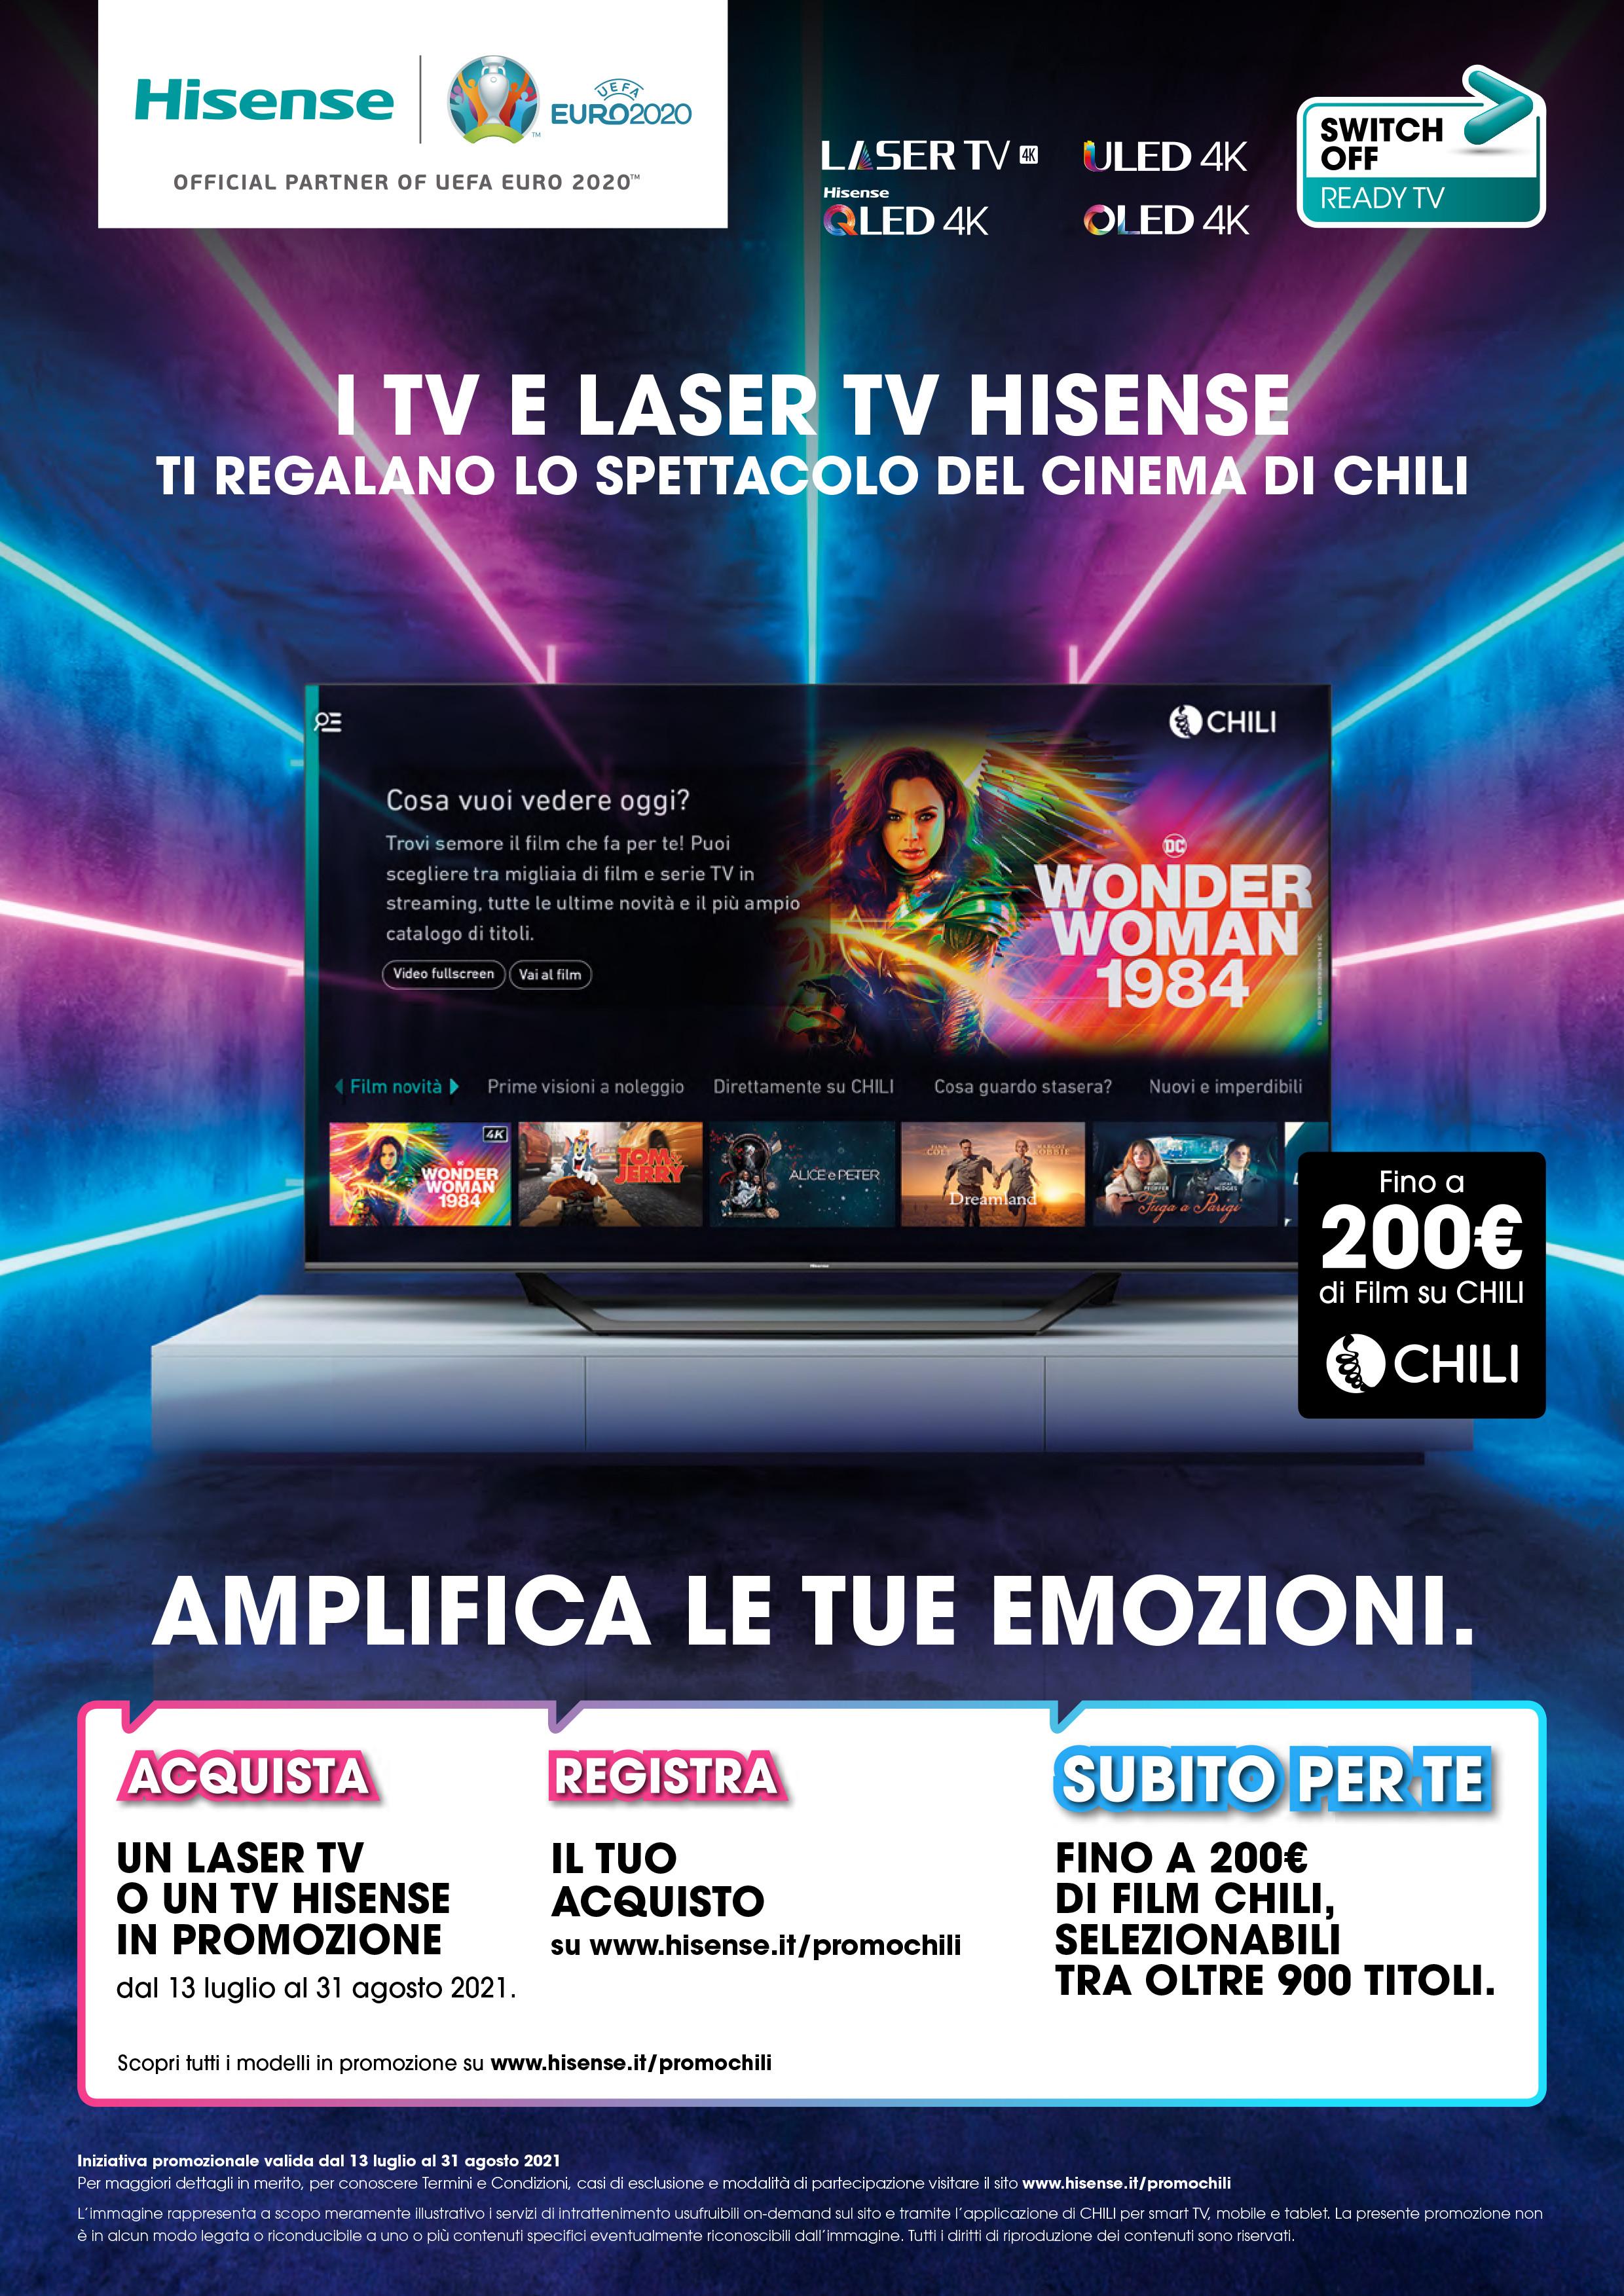 A4 TV_Promo_Hisense-Chili.jpg